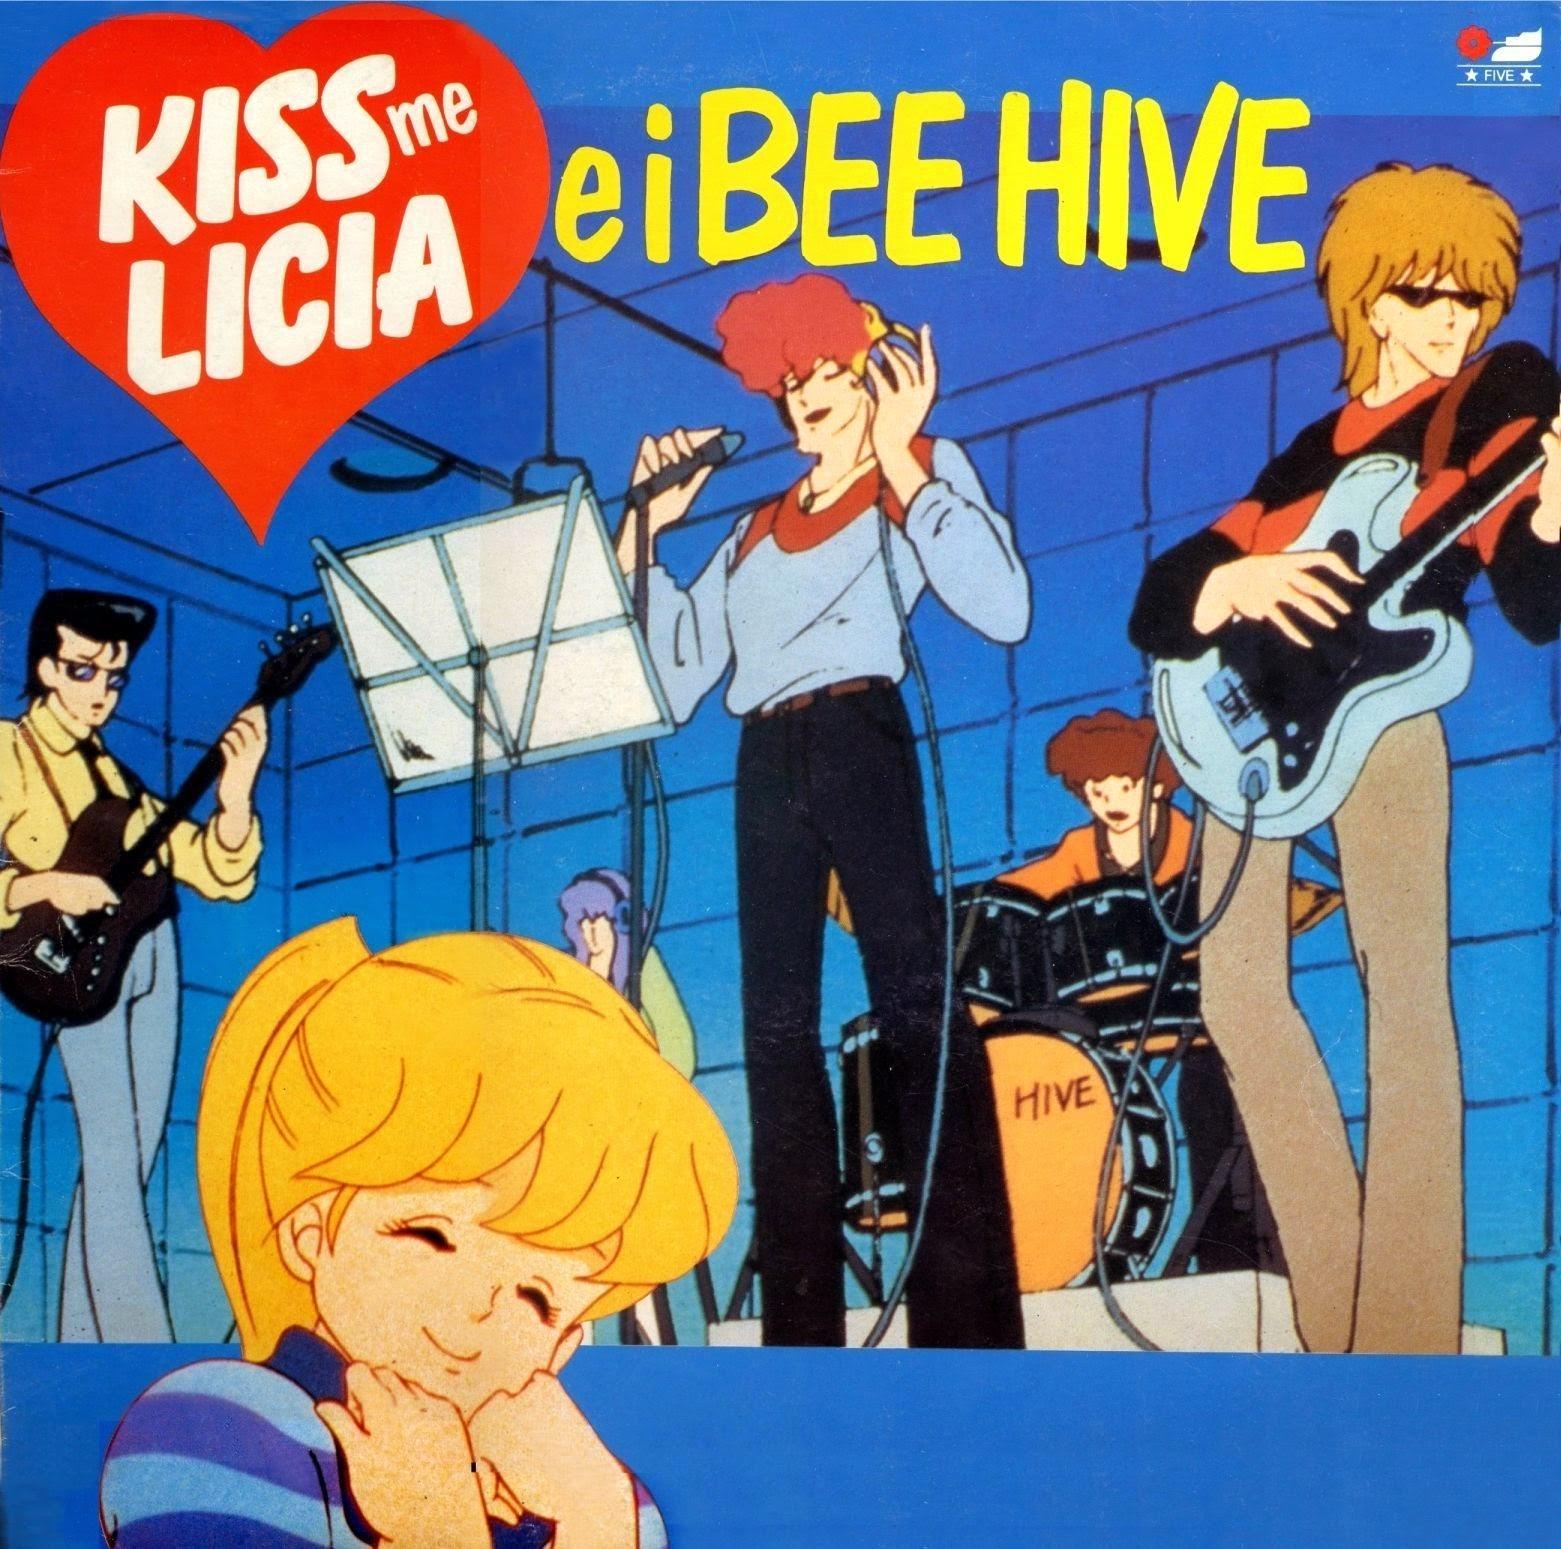 Kiss Me Licia e i Bee Hive